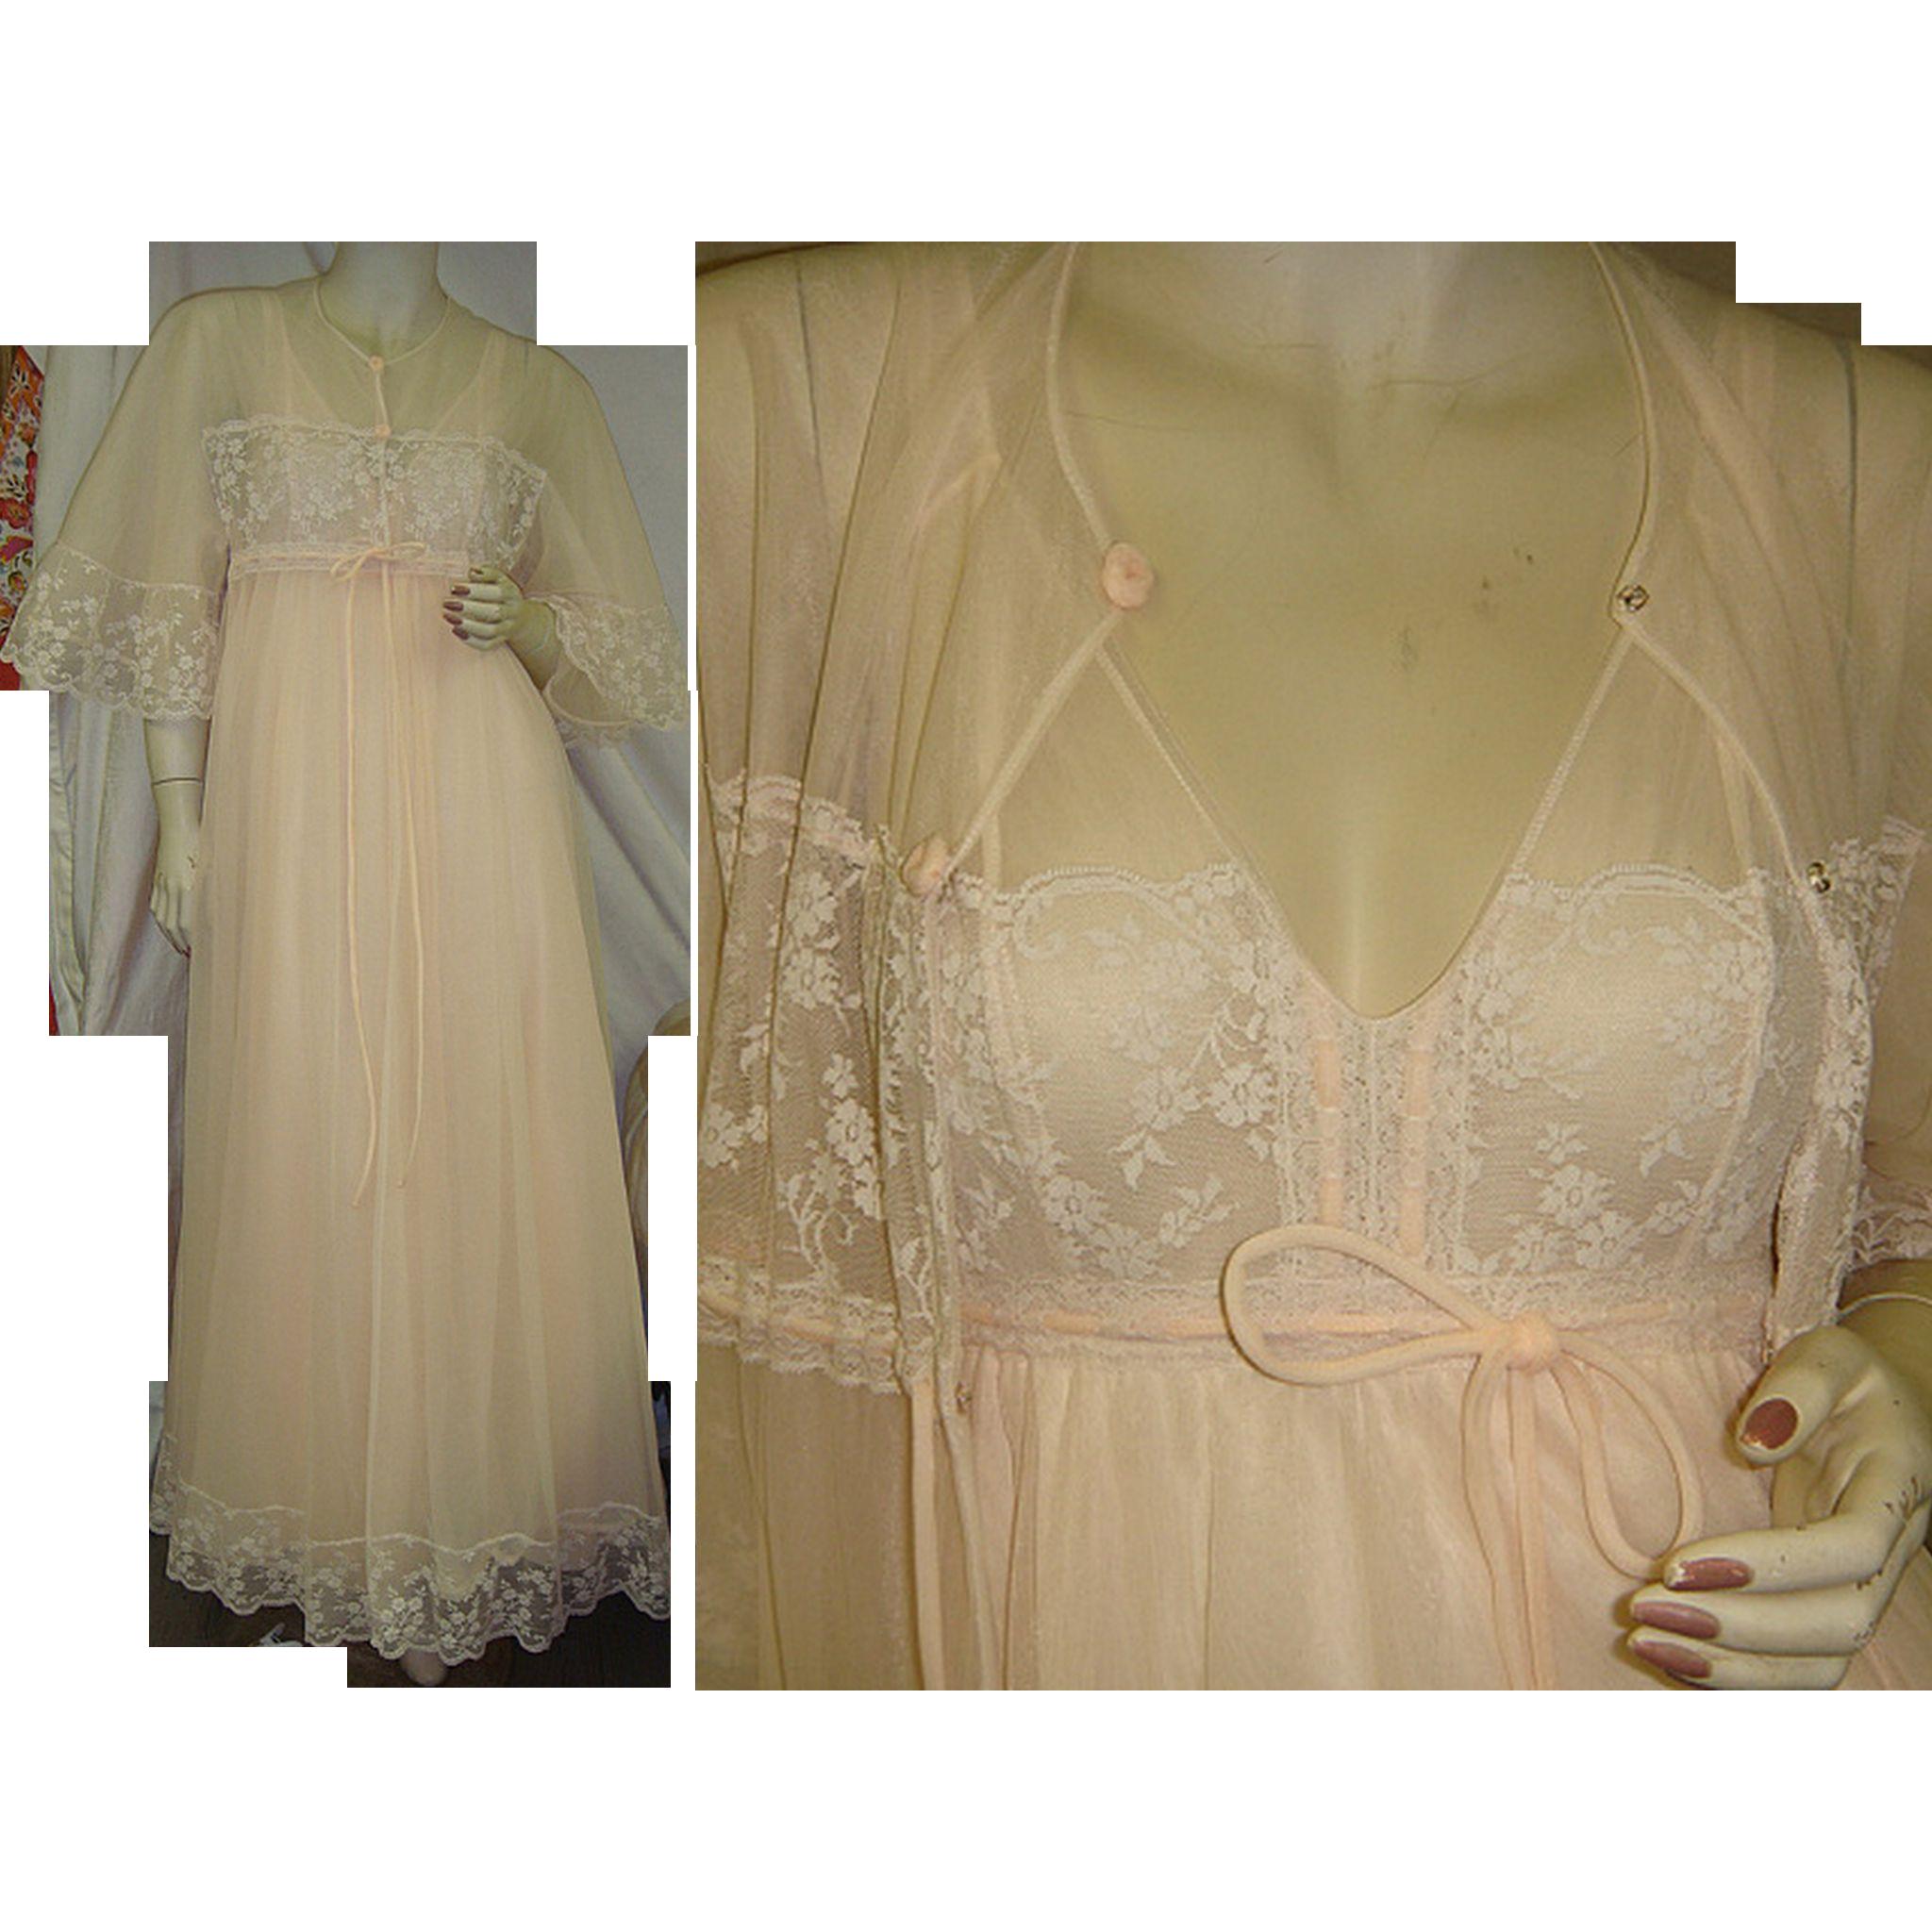 Intime California Peignoir Set Nightgown Robe 1950's